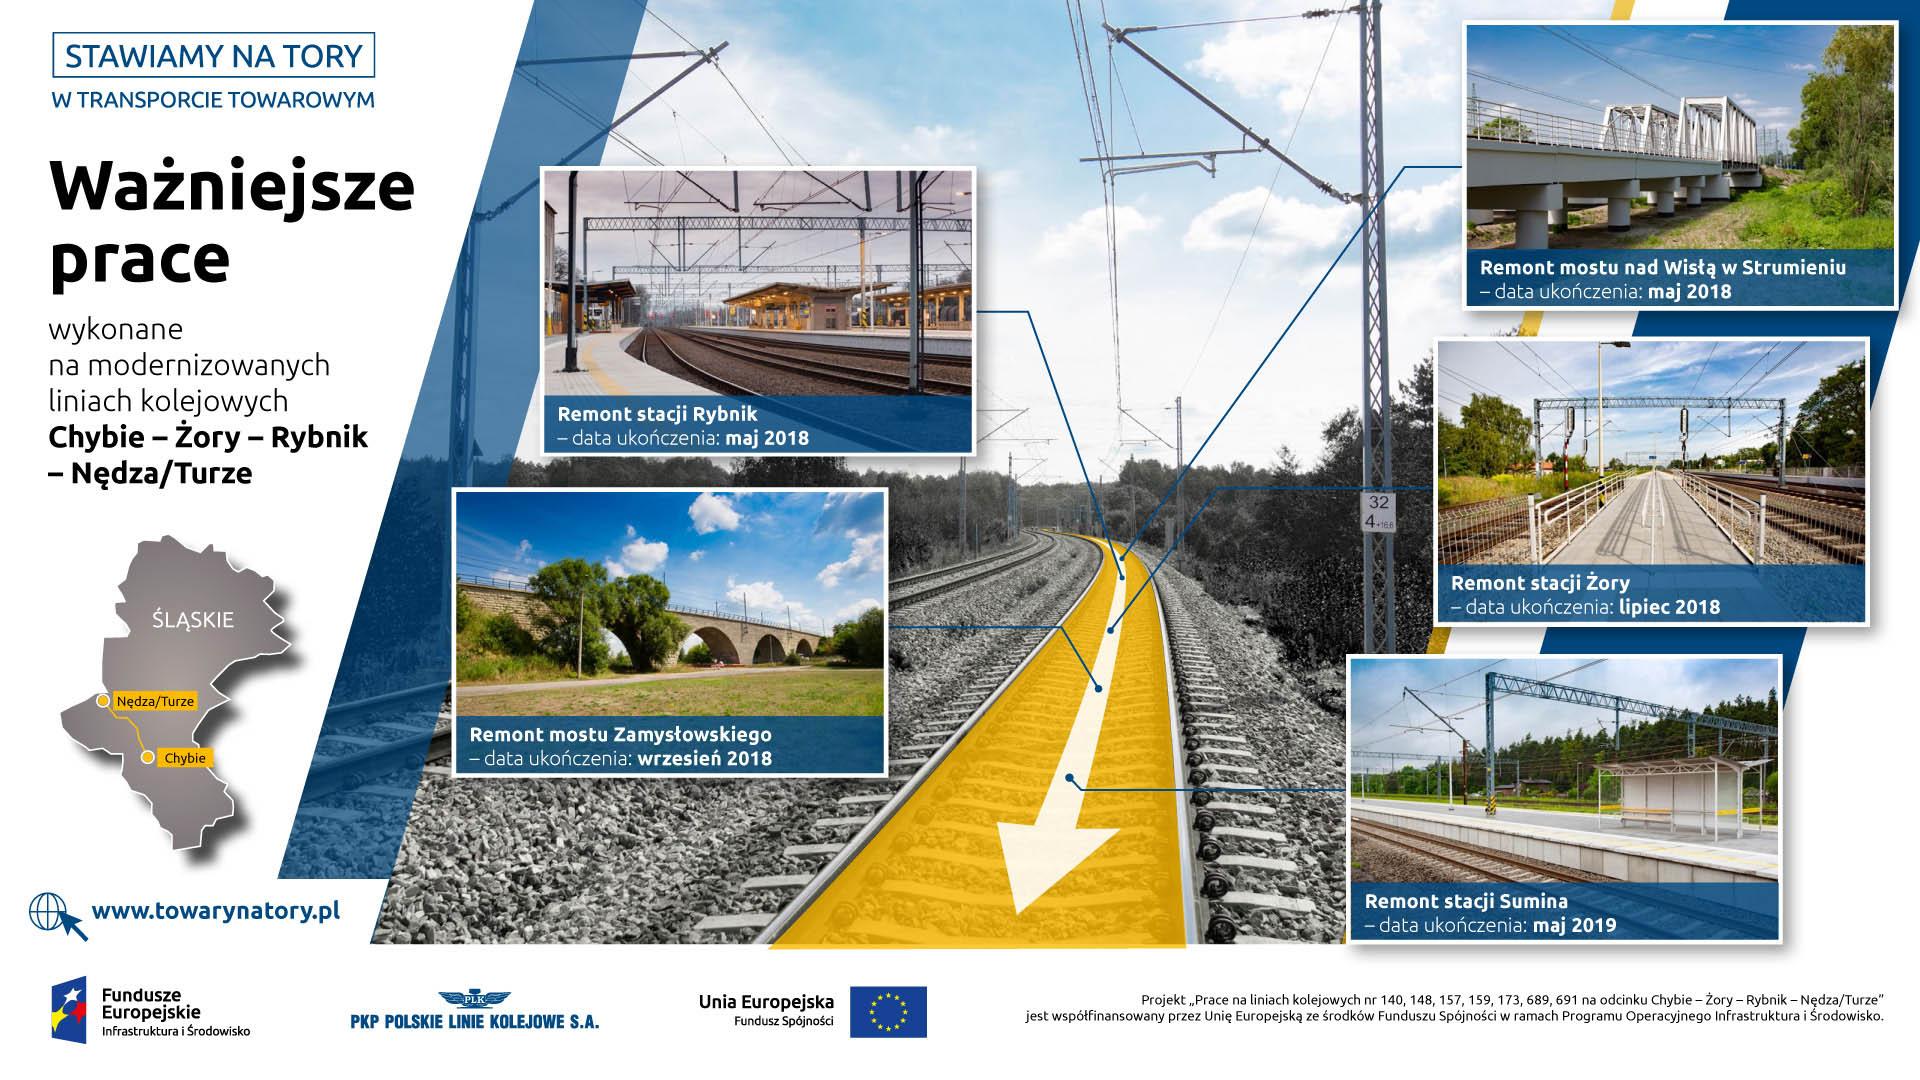 Infografika mówi o ważniejszych pracach na linii Chybie - Nędza Turze. Na zdjęciach widnieją: wyremontowana stacja Rybnik, wyremontowany most Zamysłowski, wyremontowany most nad Wisłą w Strumieniu, wyremontowana stacja Żory, wyremontowana stacja Sumina.